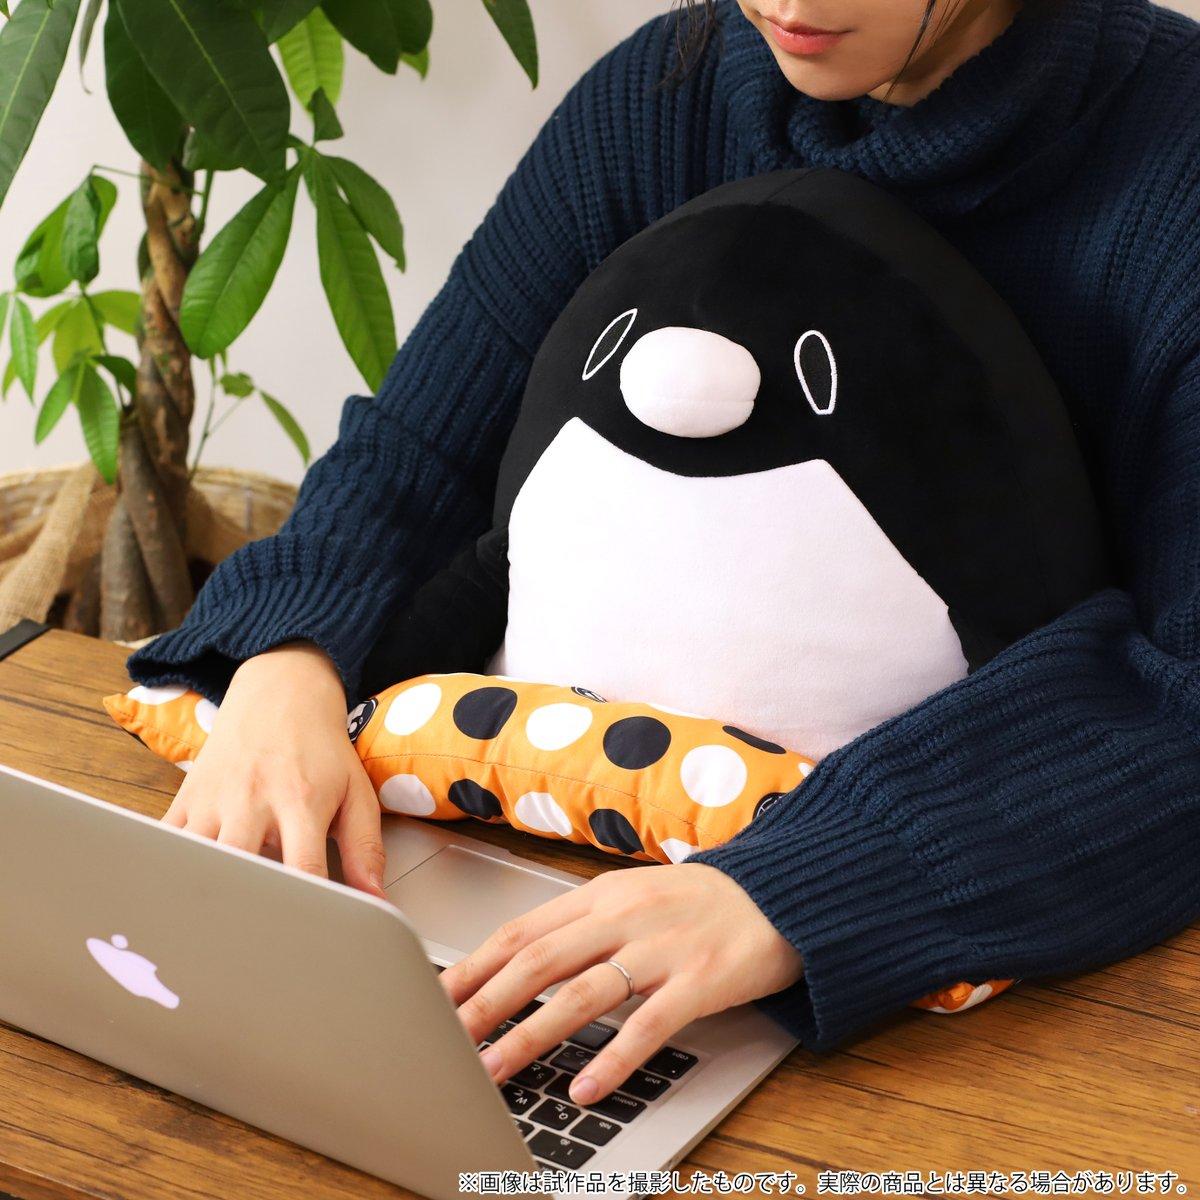 『テイコウペンギン』より、本当は仕事をしたくない人のためのアームレストが登場!